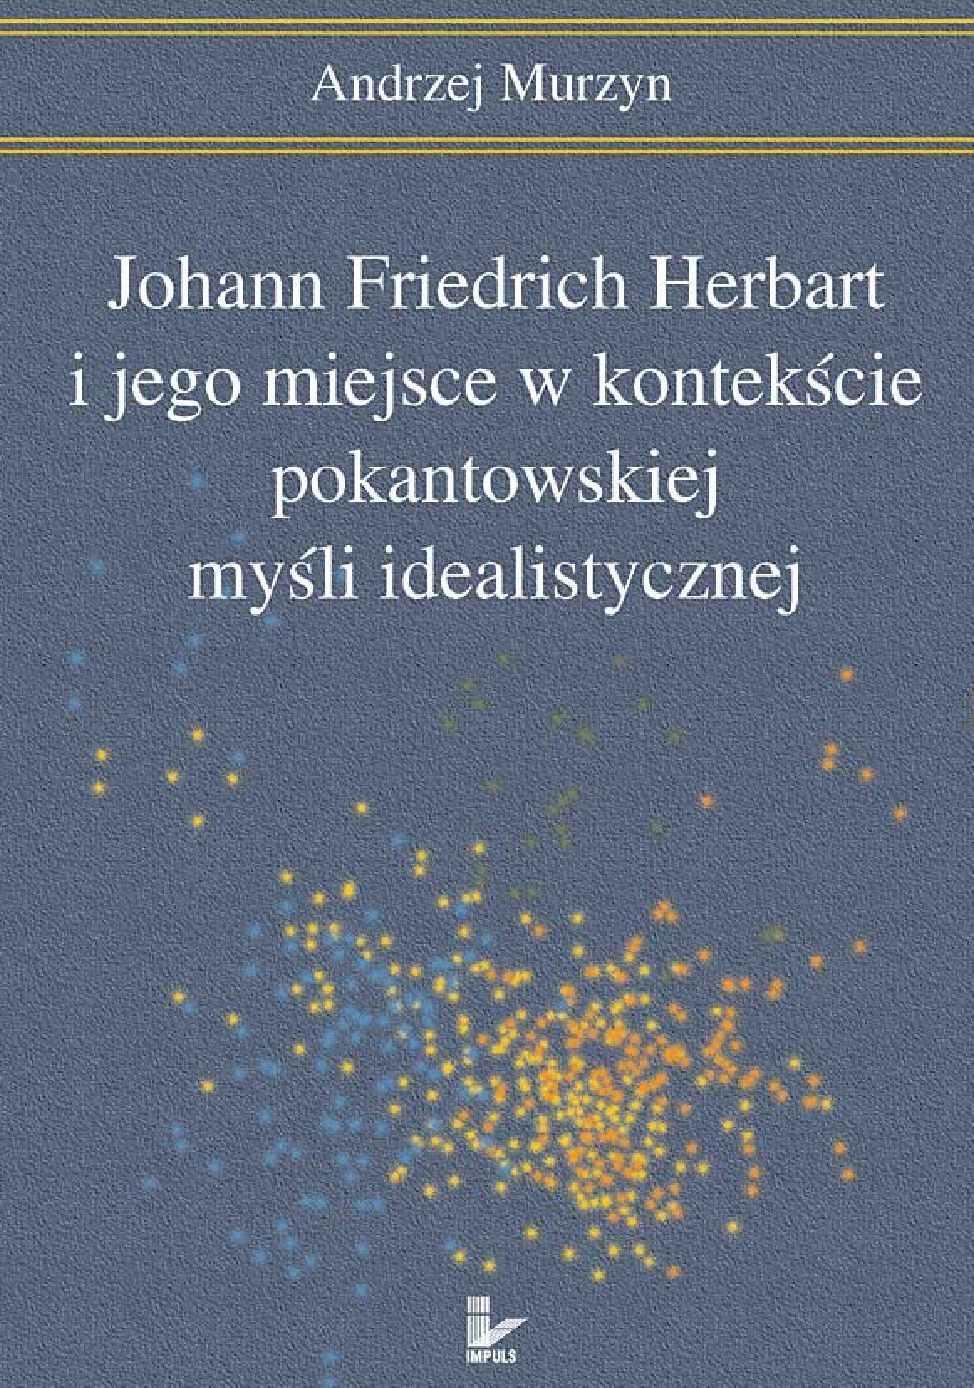 Johann Friedrich Herbart i jego miejsce w kontekście pokantowskiej myśli idealistycznej - Ebook (Książka EPUB) do pobrania w formacie EPUB